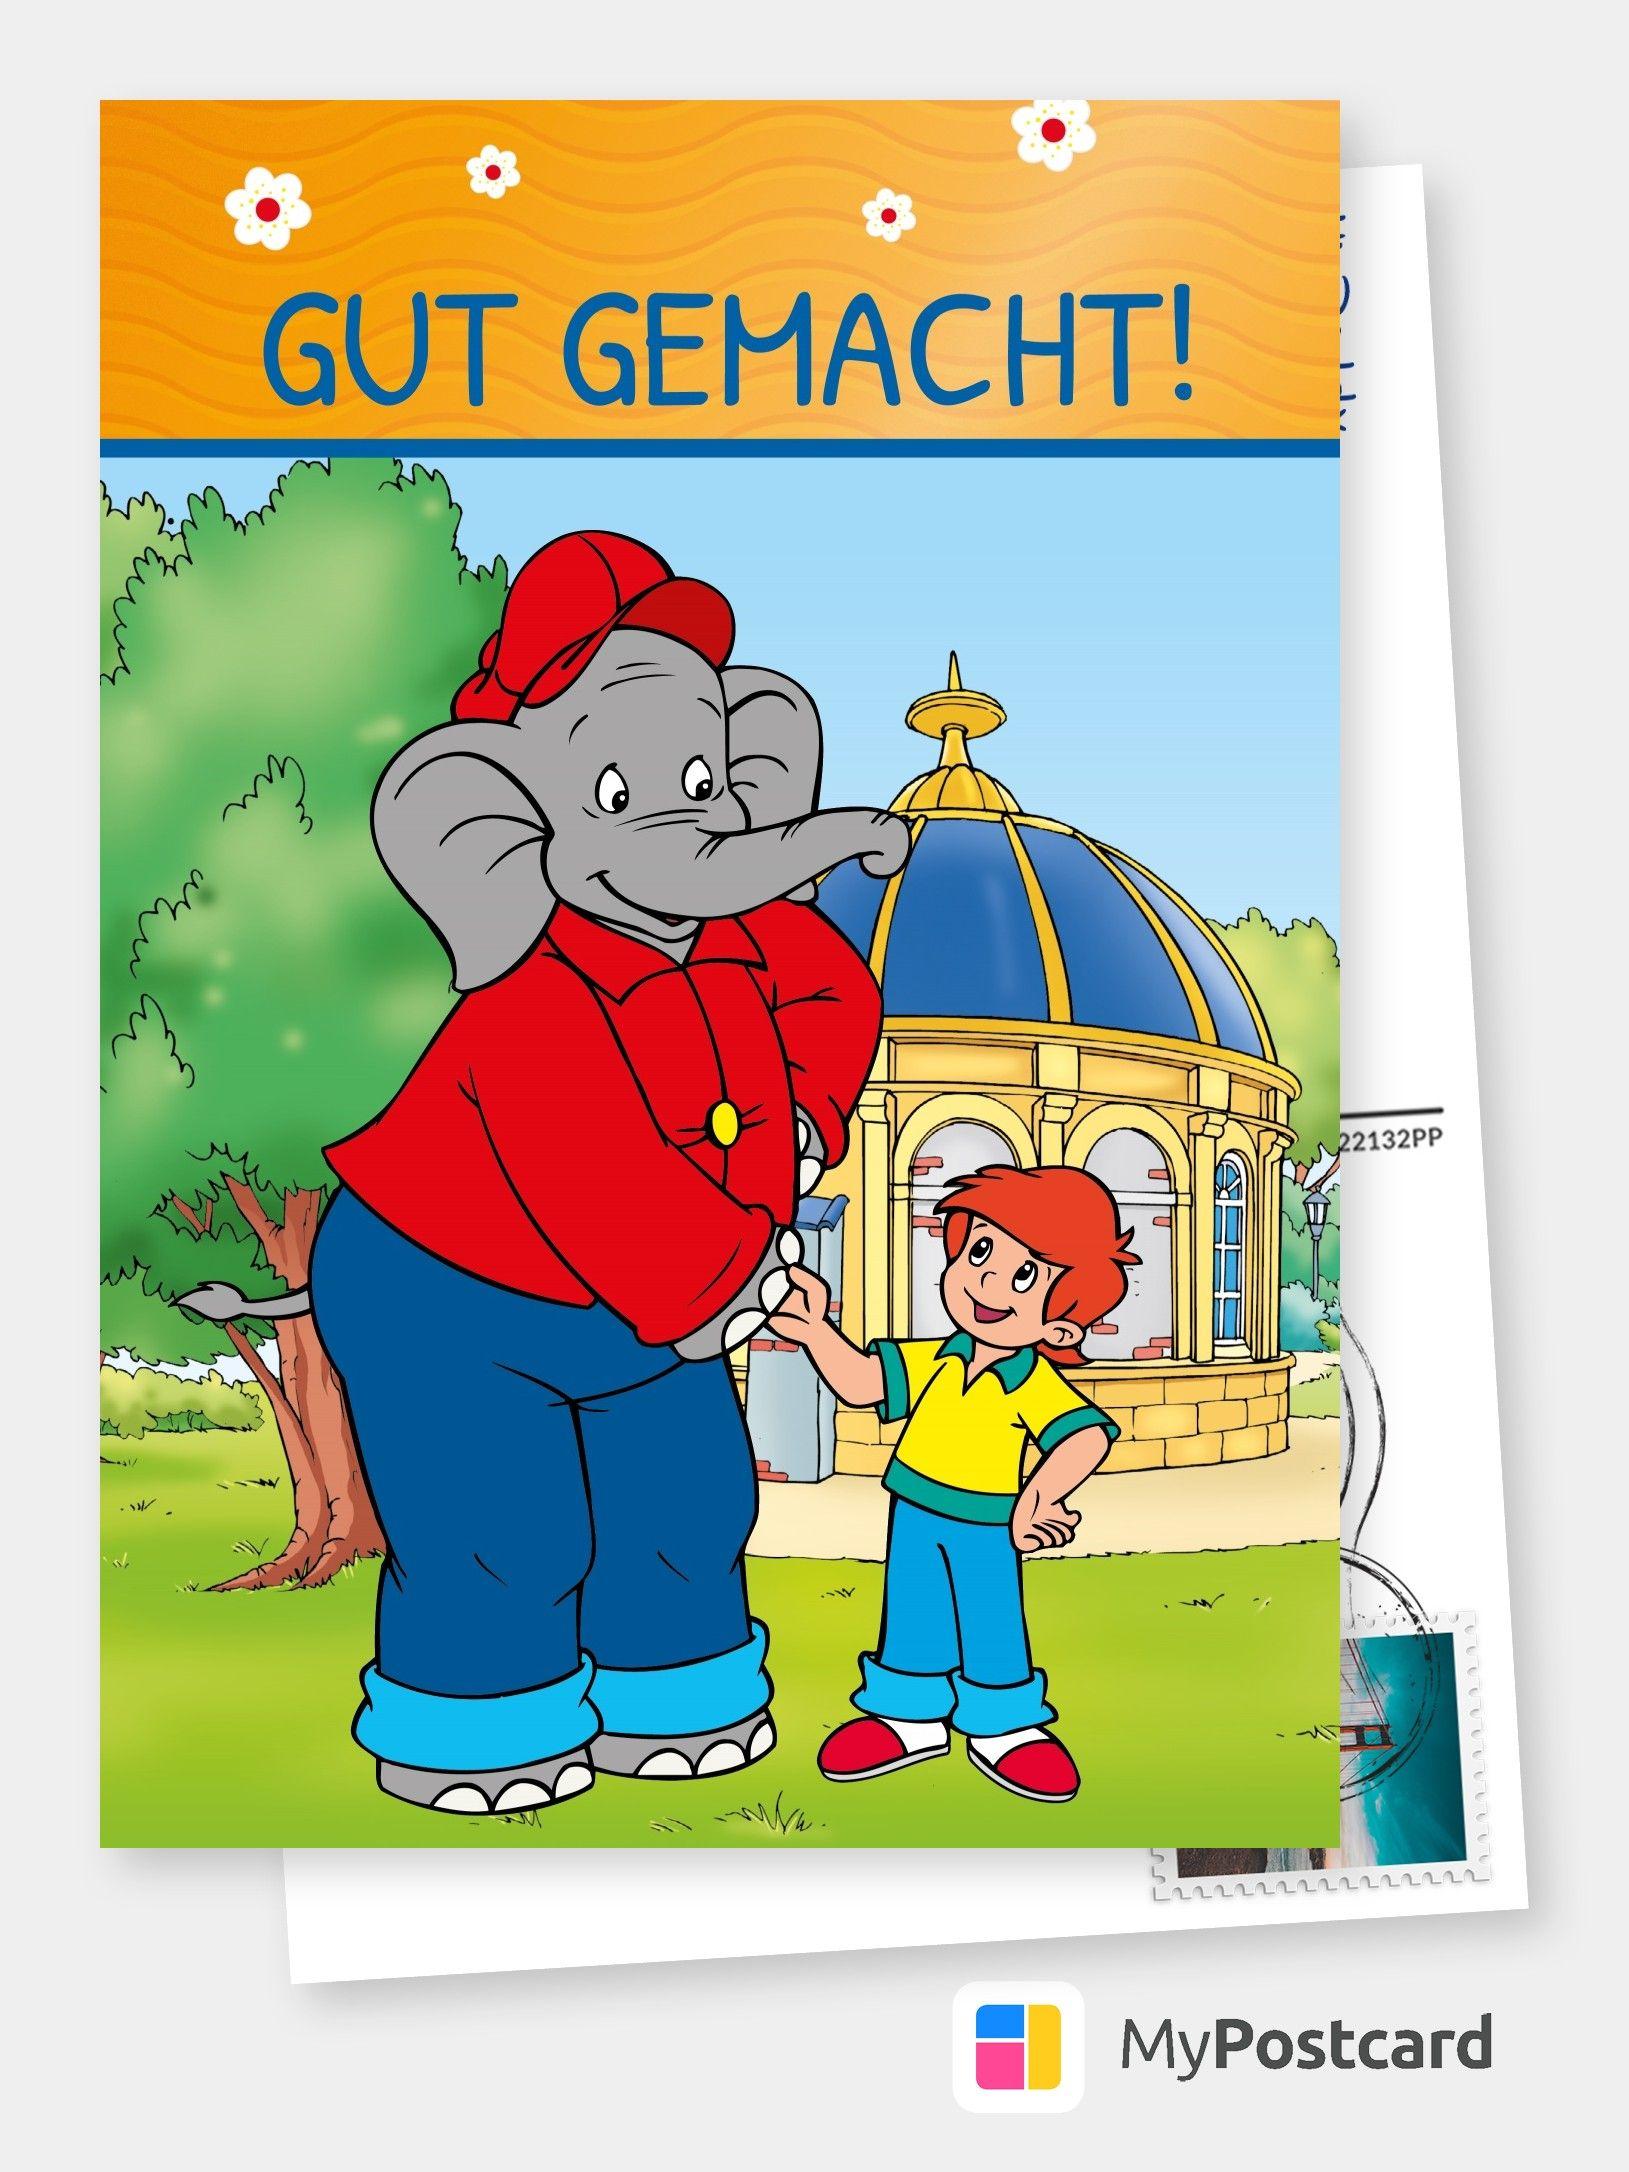 Gut Gemacht Comic Cartoons Echte Postkarten Online